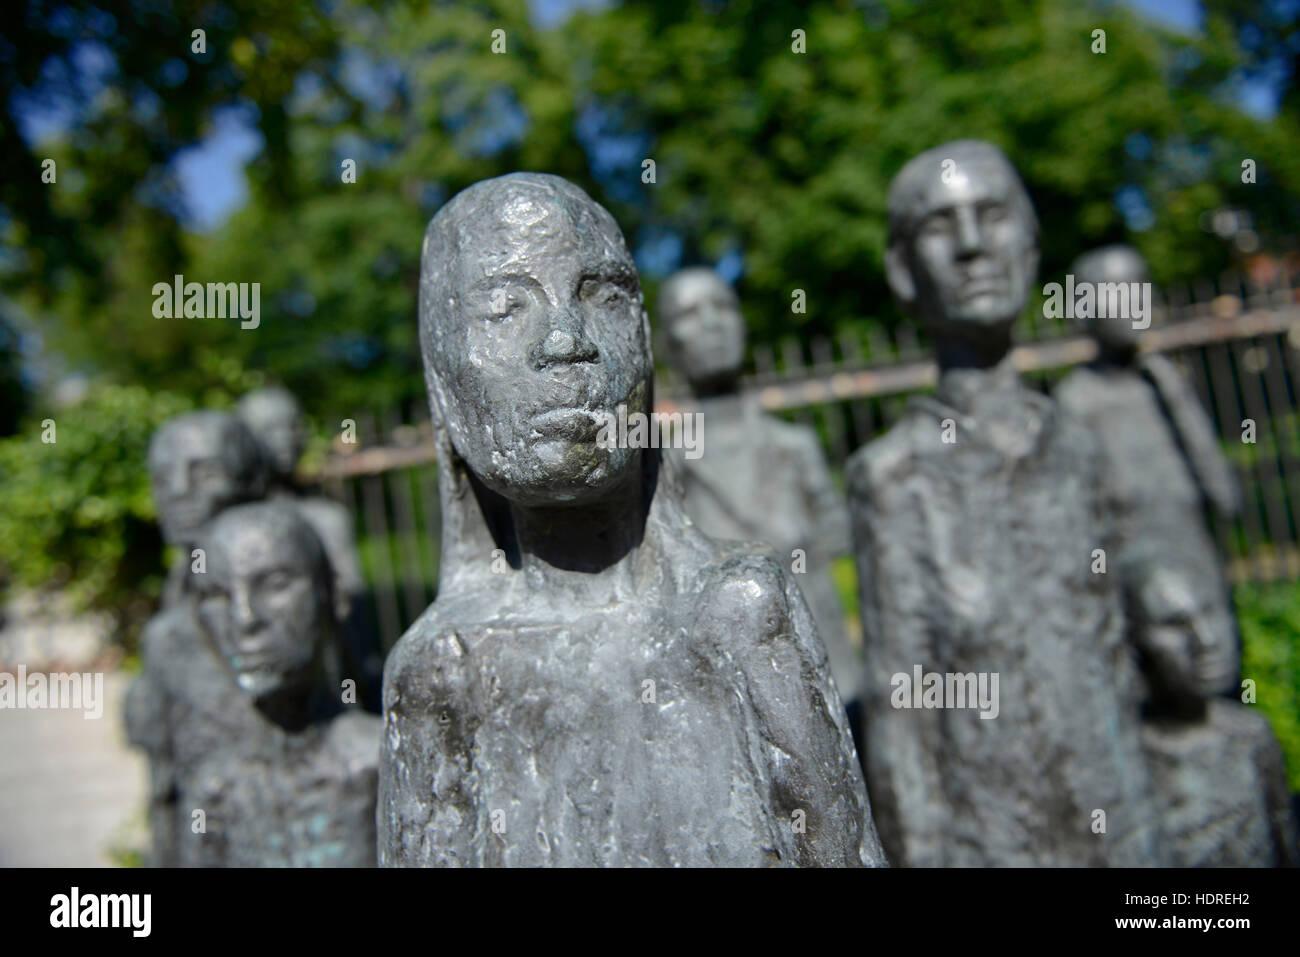 Skulptur ´Juedische Opfer des Faschismus´, Grosse Hamburger Strasse, Mitte, Berlin, Deutschland Stock Photo